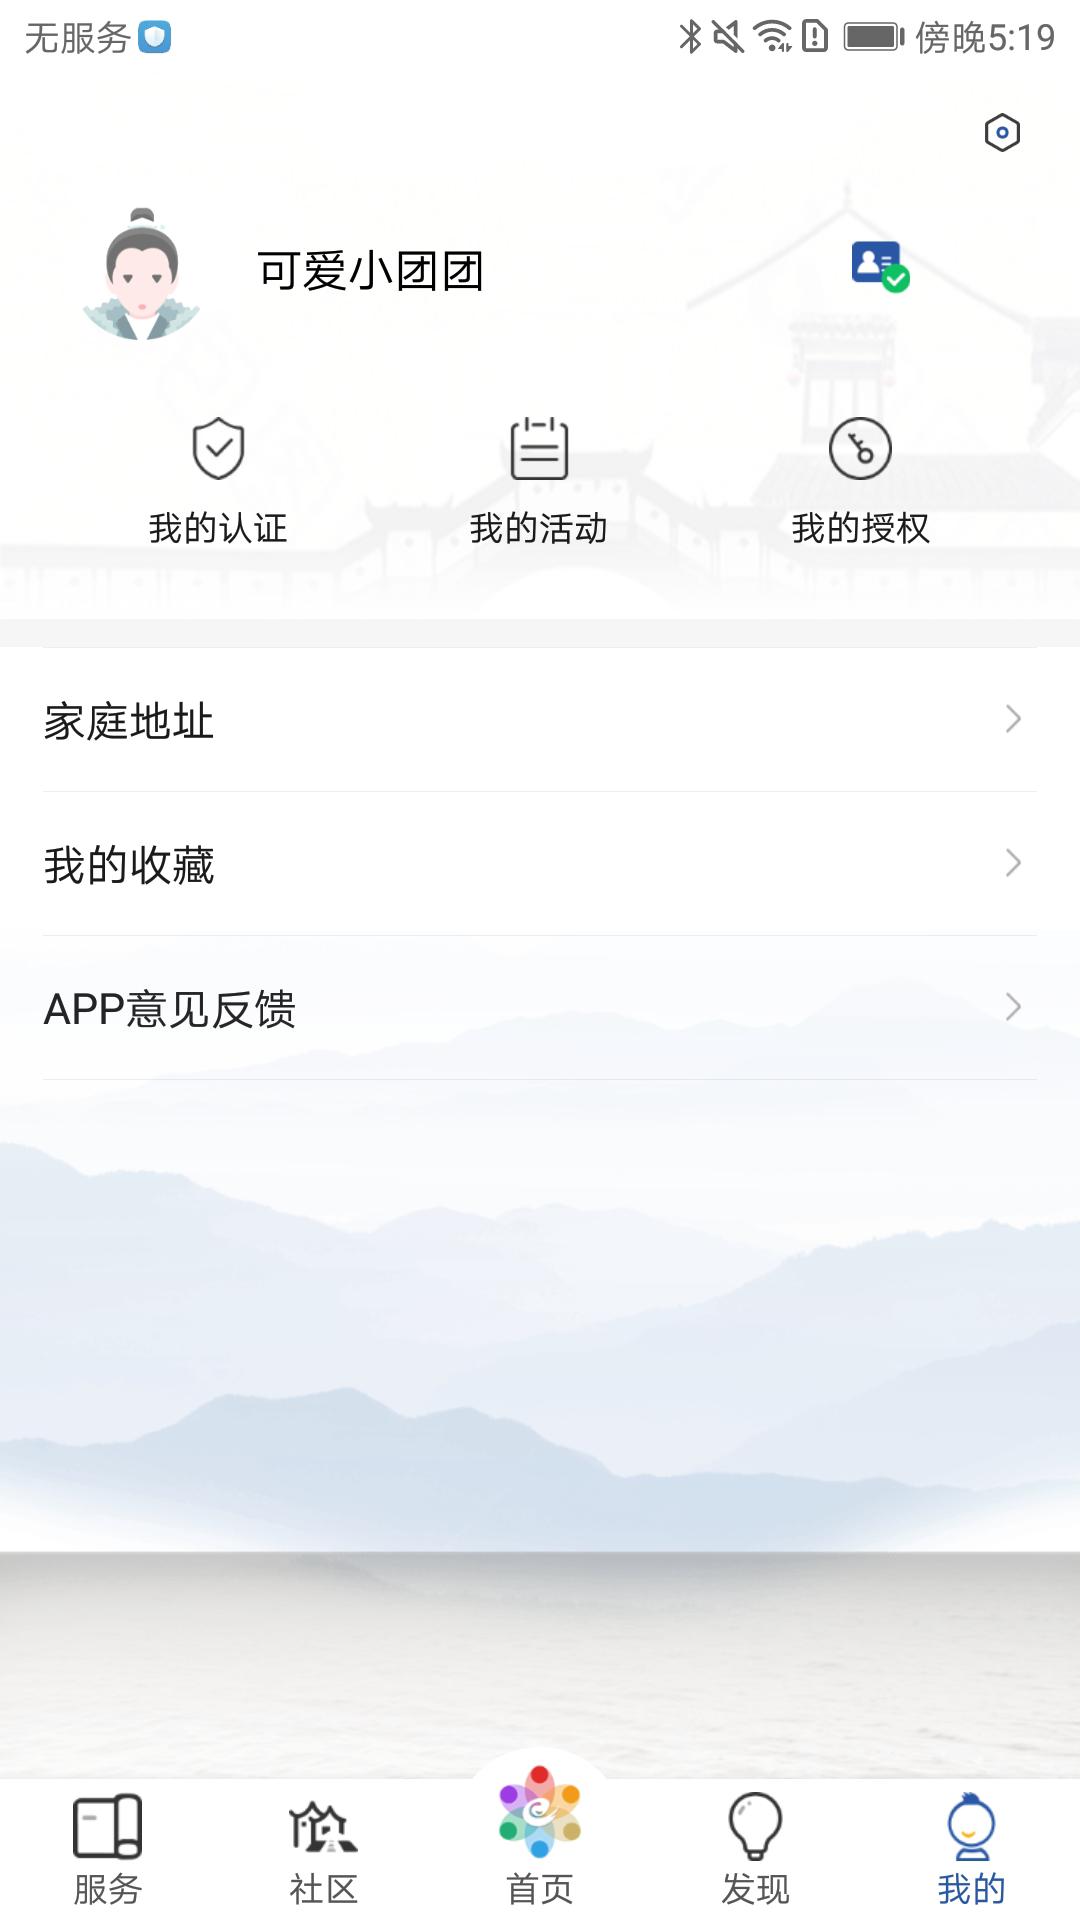 惠姑苏app校园服务最新版图3: